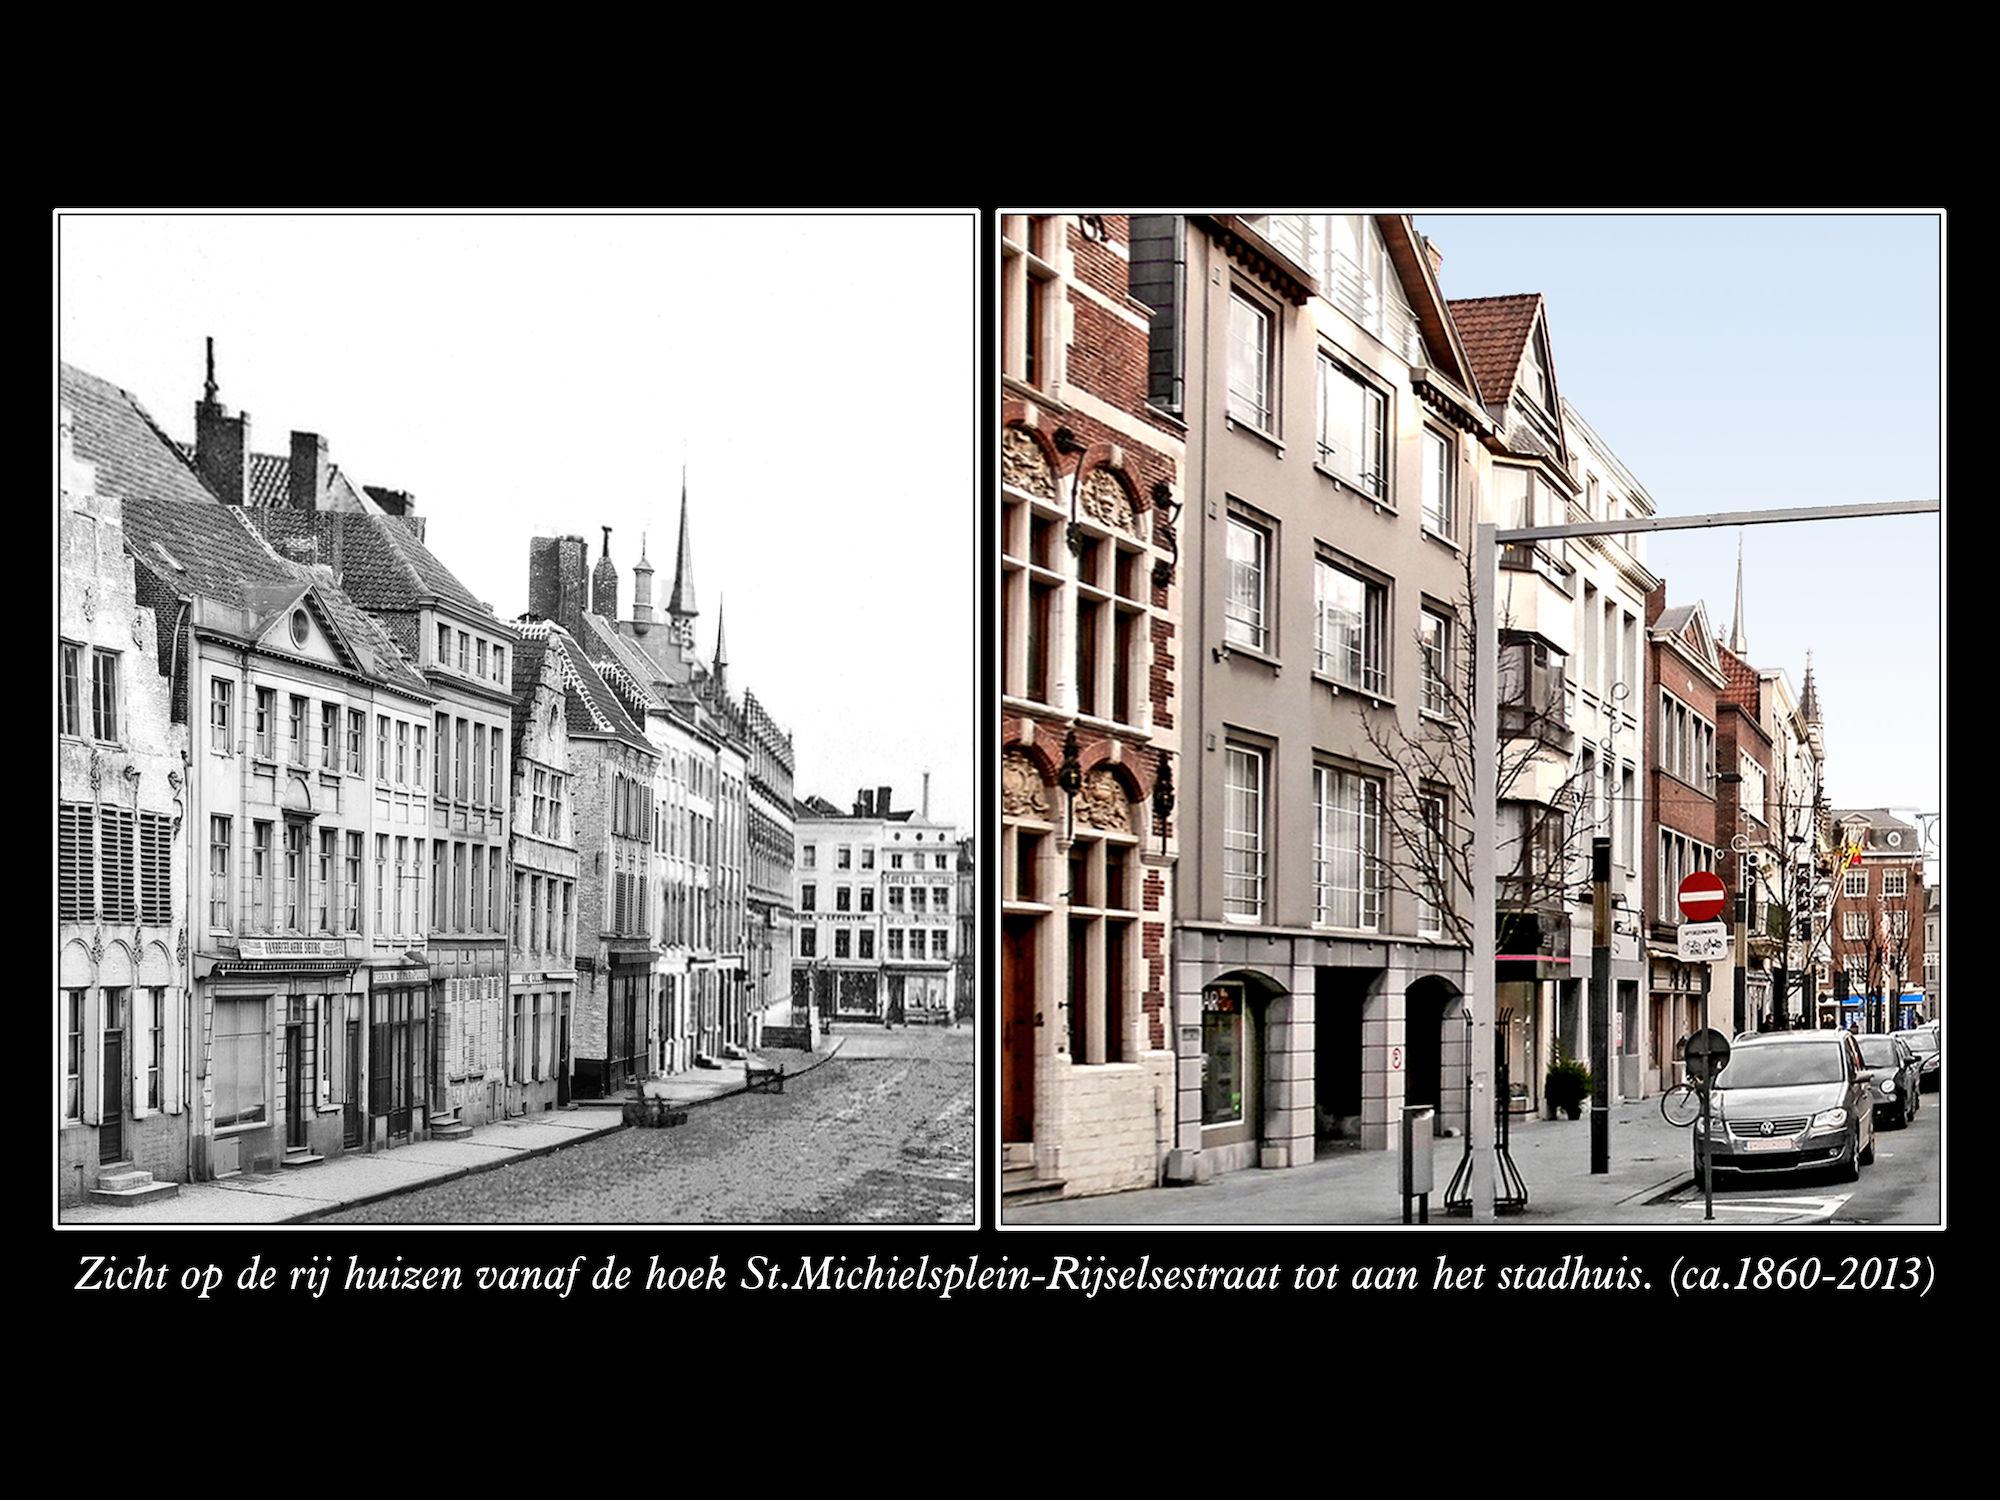 Rijselsestraat ca 1860 en 2013